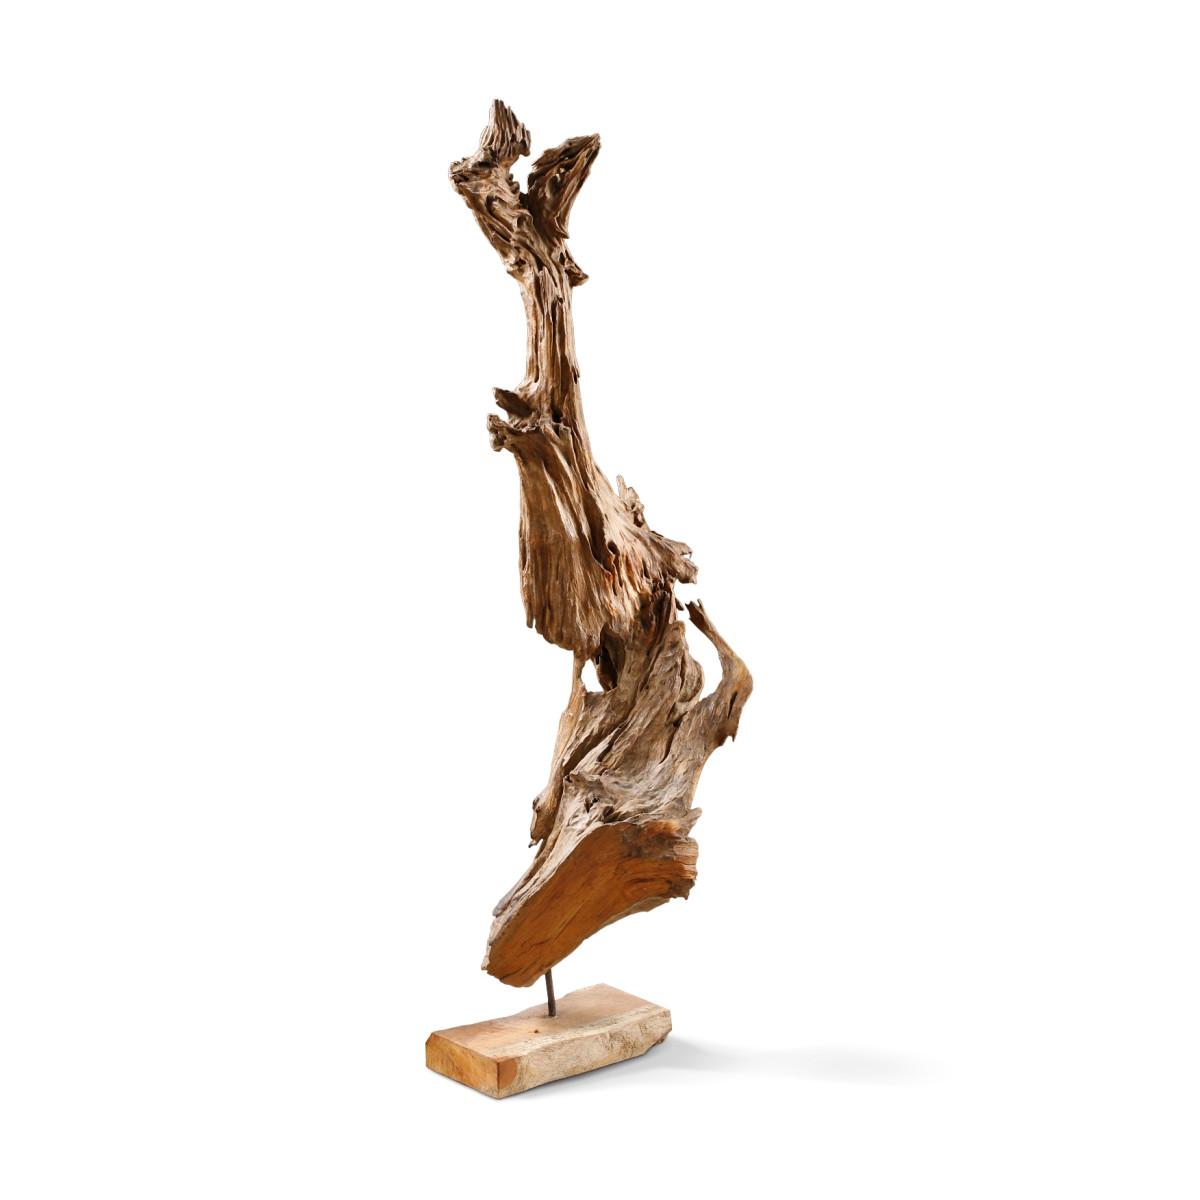 Holz Skulptur Treibholz 100cm Hoch Teak Wurzelholz Holzdeko Garten De